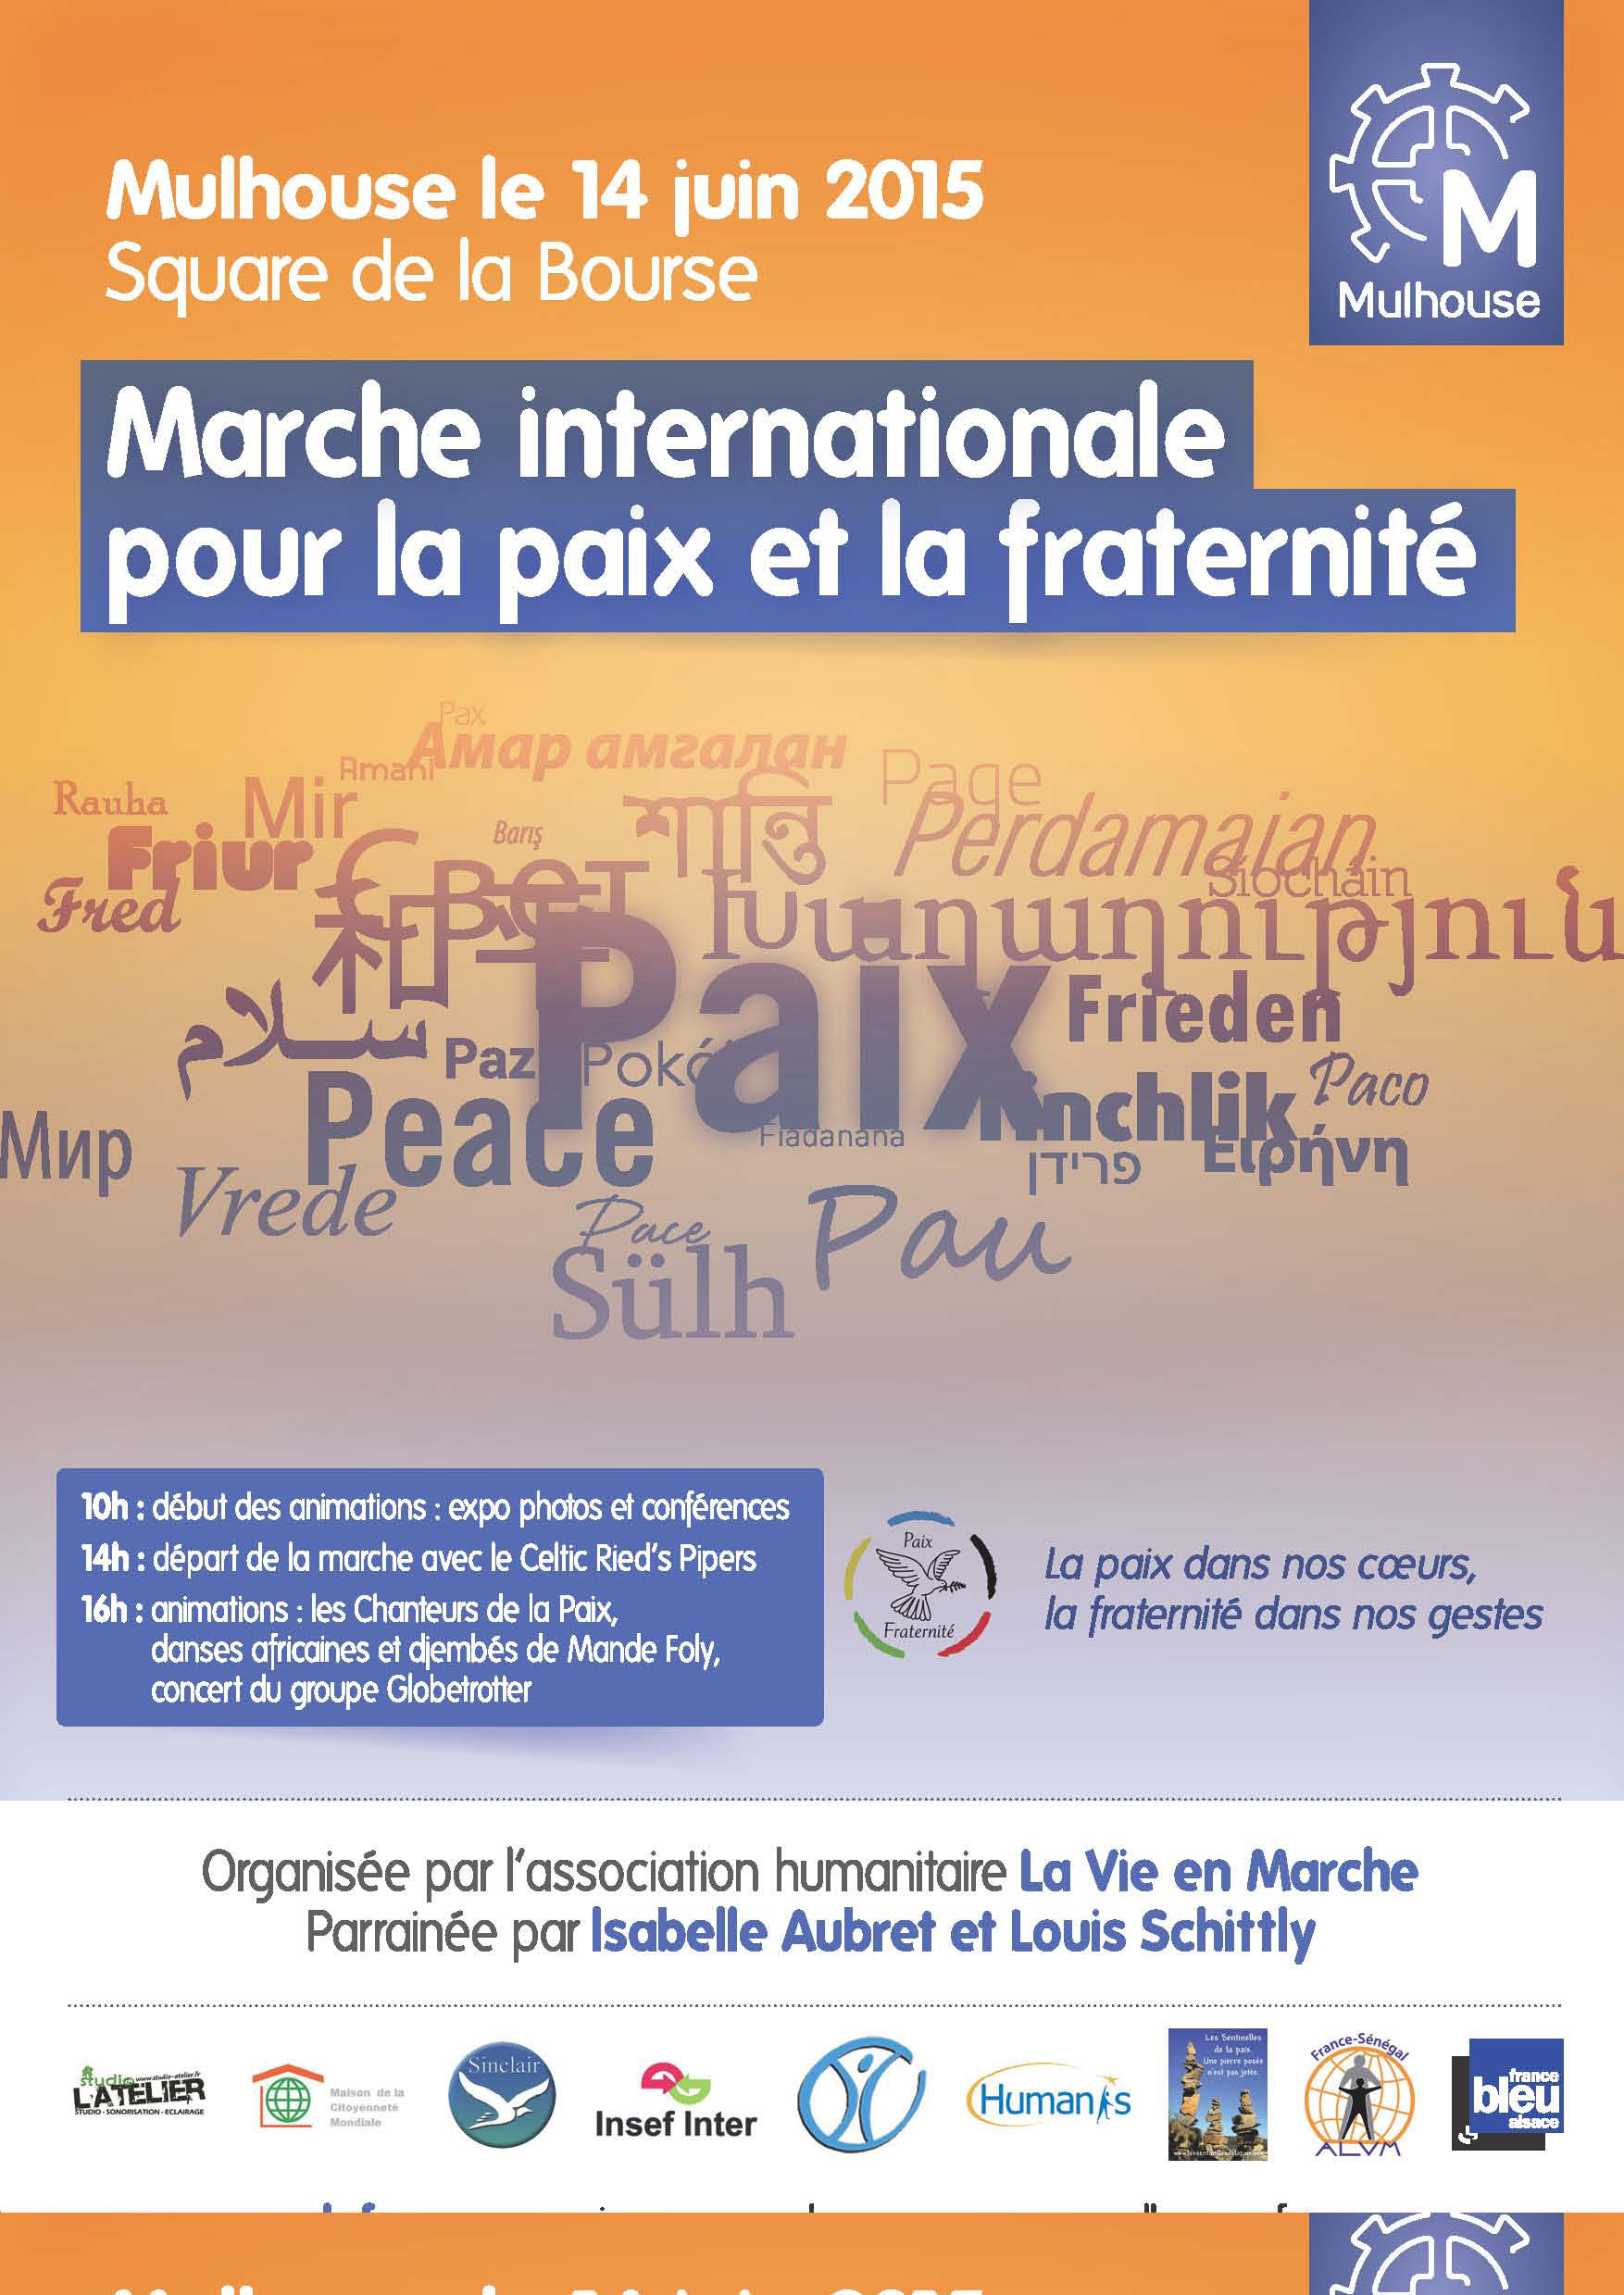 Marche Internationale pour la paix et la fraternité